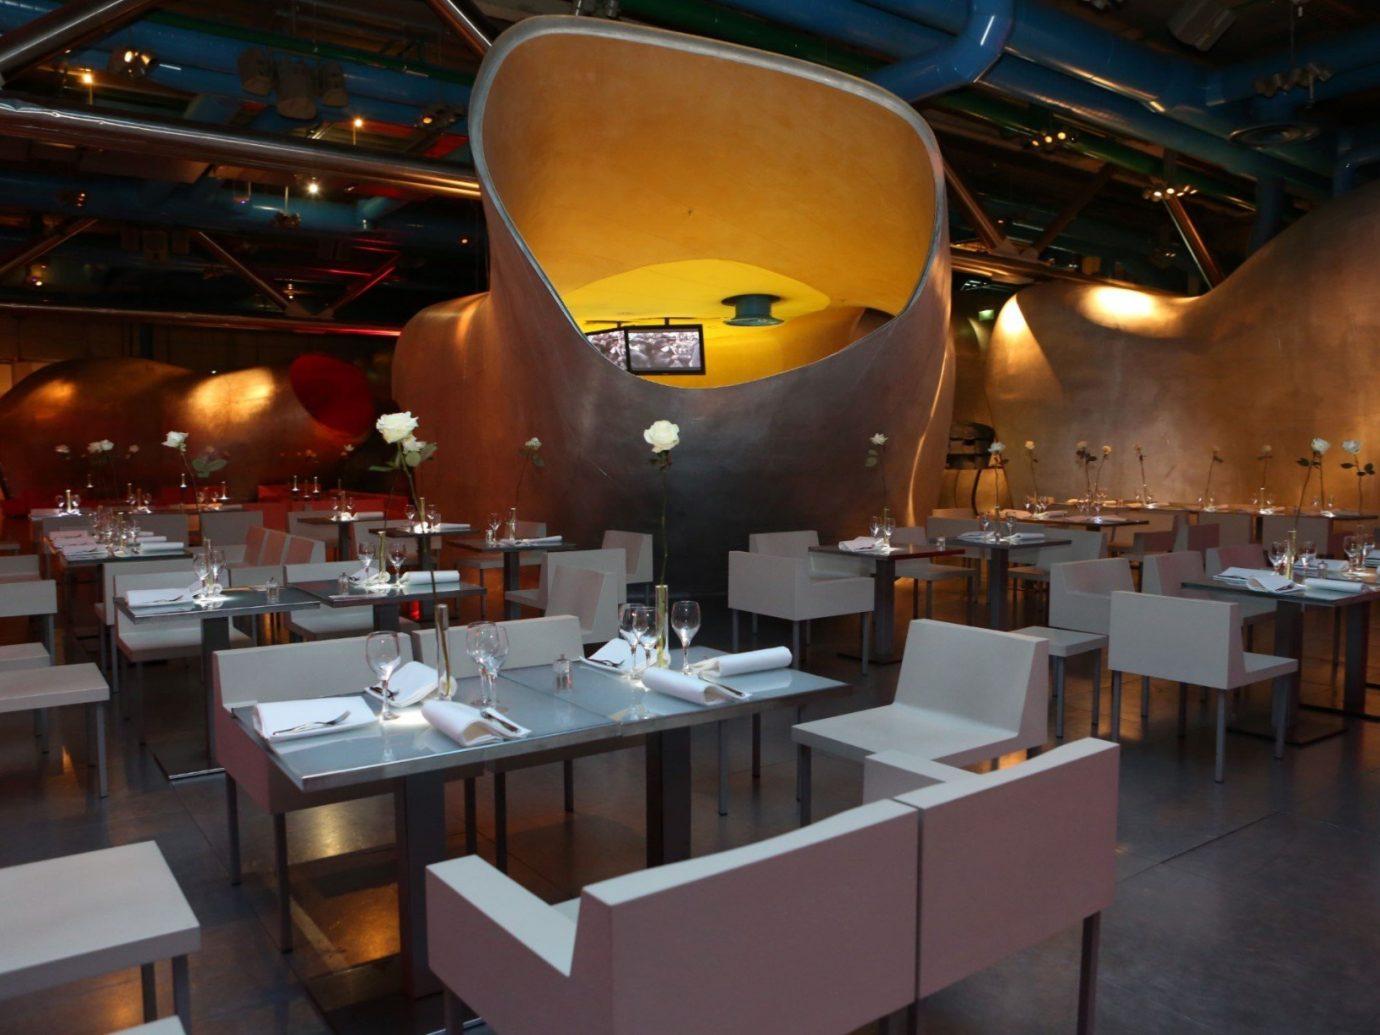 Food + Drink indoor floor ceiling meal restaurant interior design vehicle